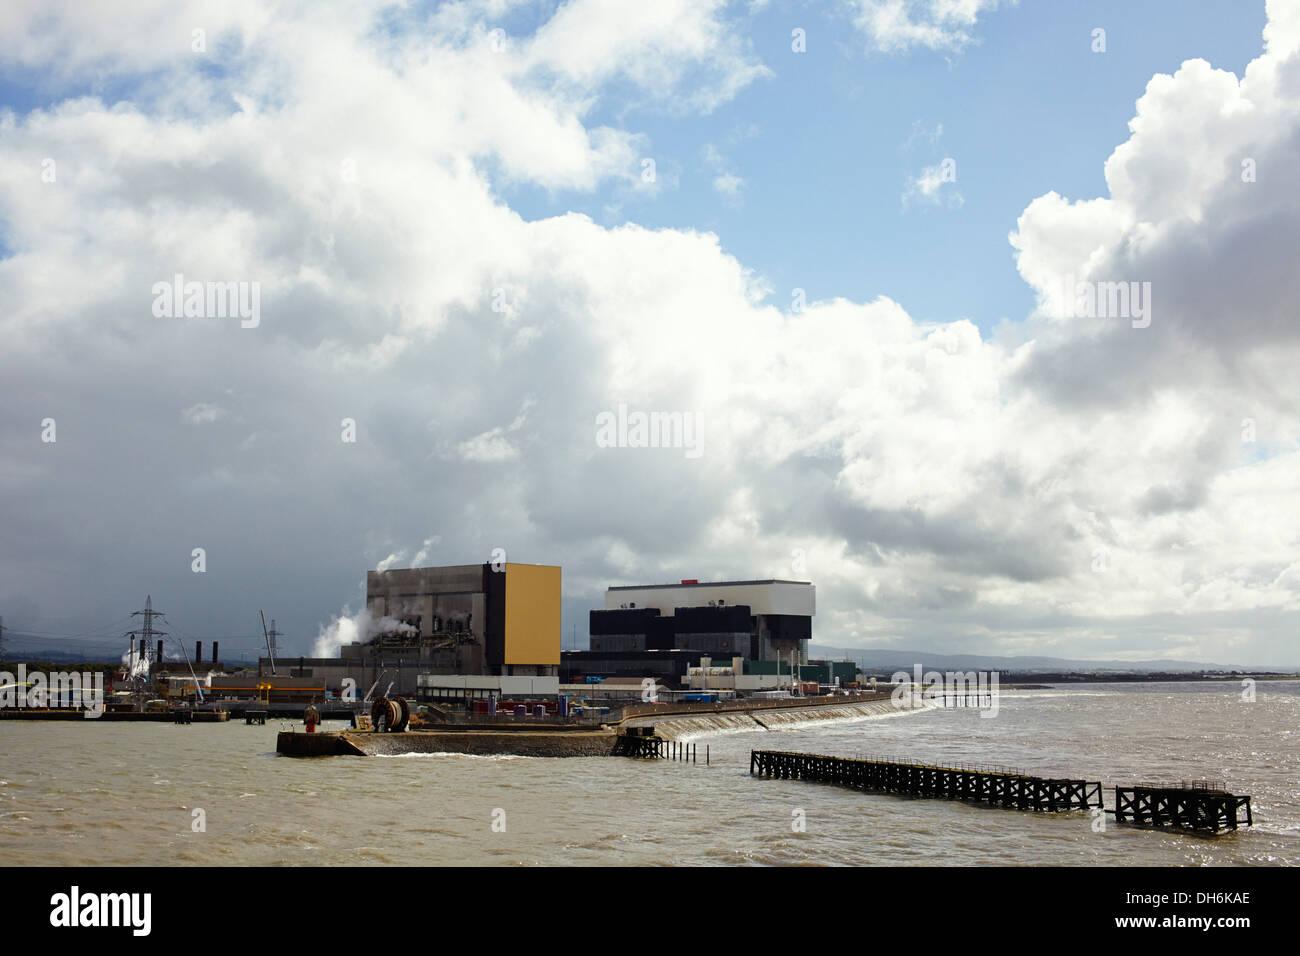 Heysham nuclear power station, Lancashire UK - Stock Image